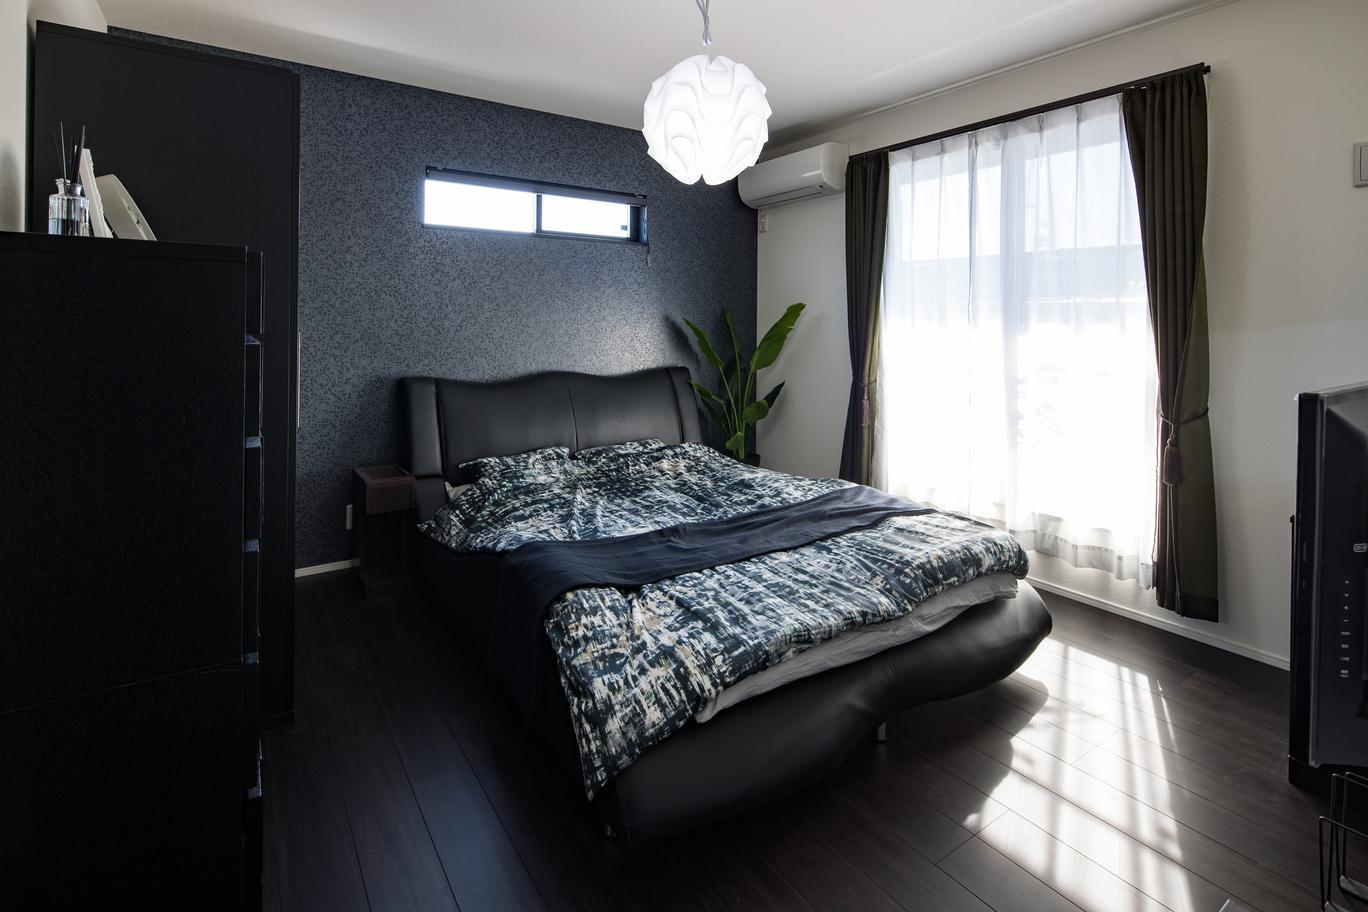 主寝室も黒を基調としており、落ち着いた印象を感じる